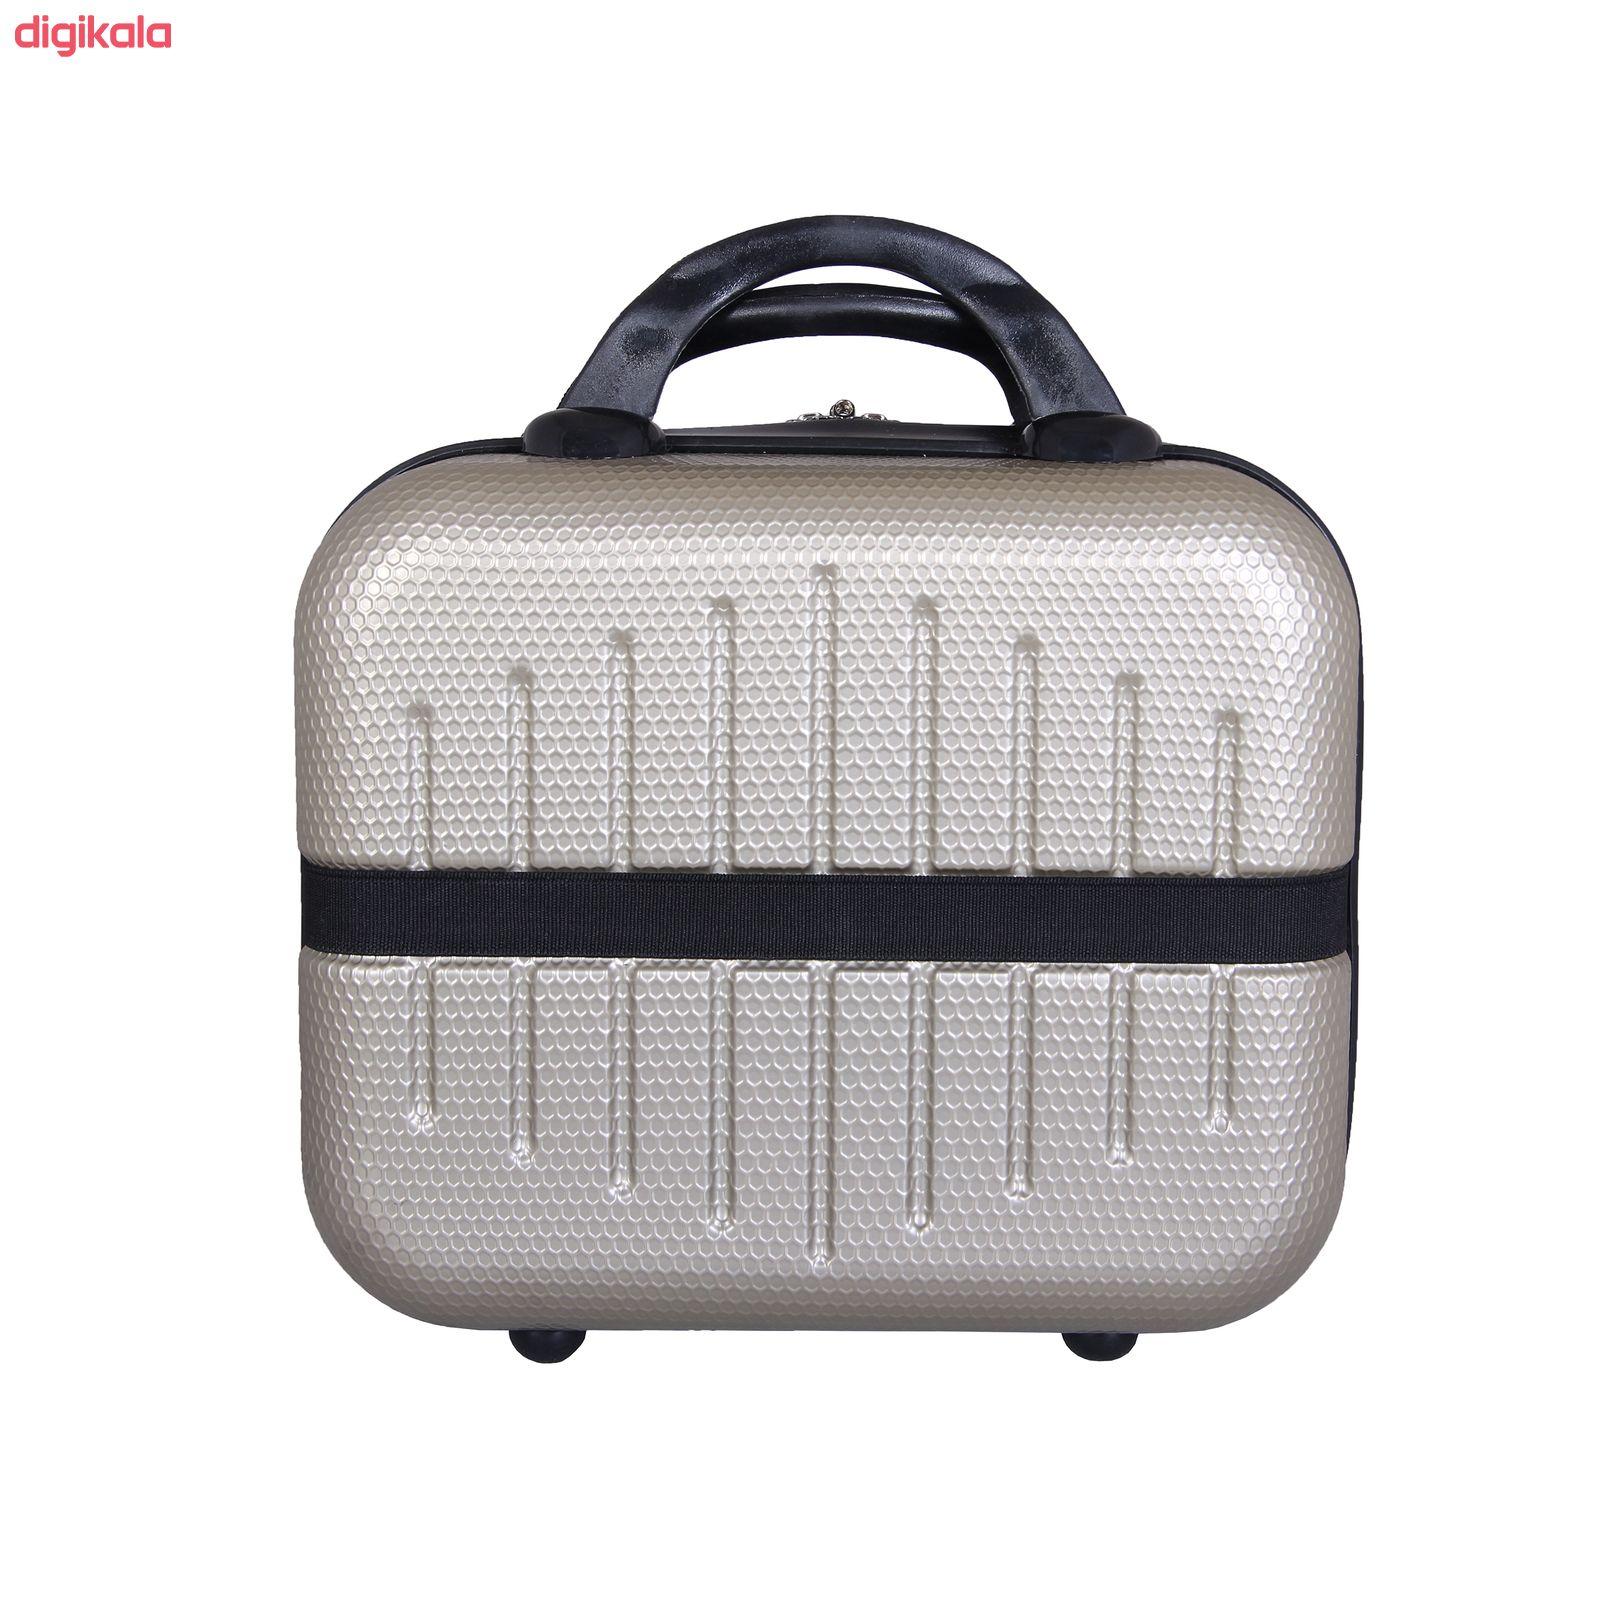 مجموعه چهار عددی چمدان اسپرت من مدل NS001 main 1 48